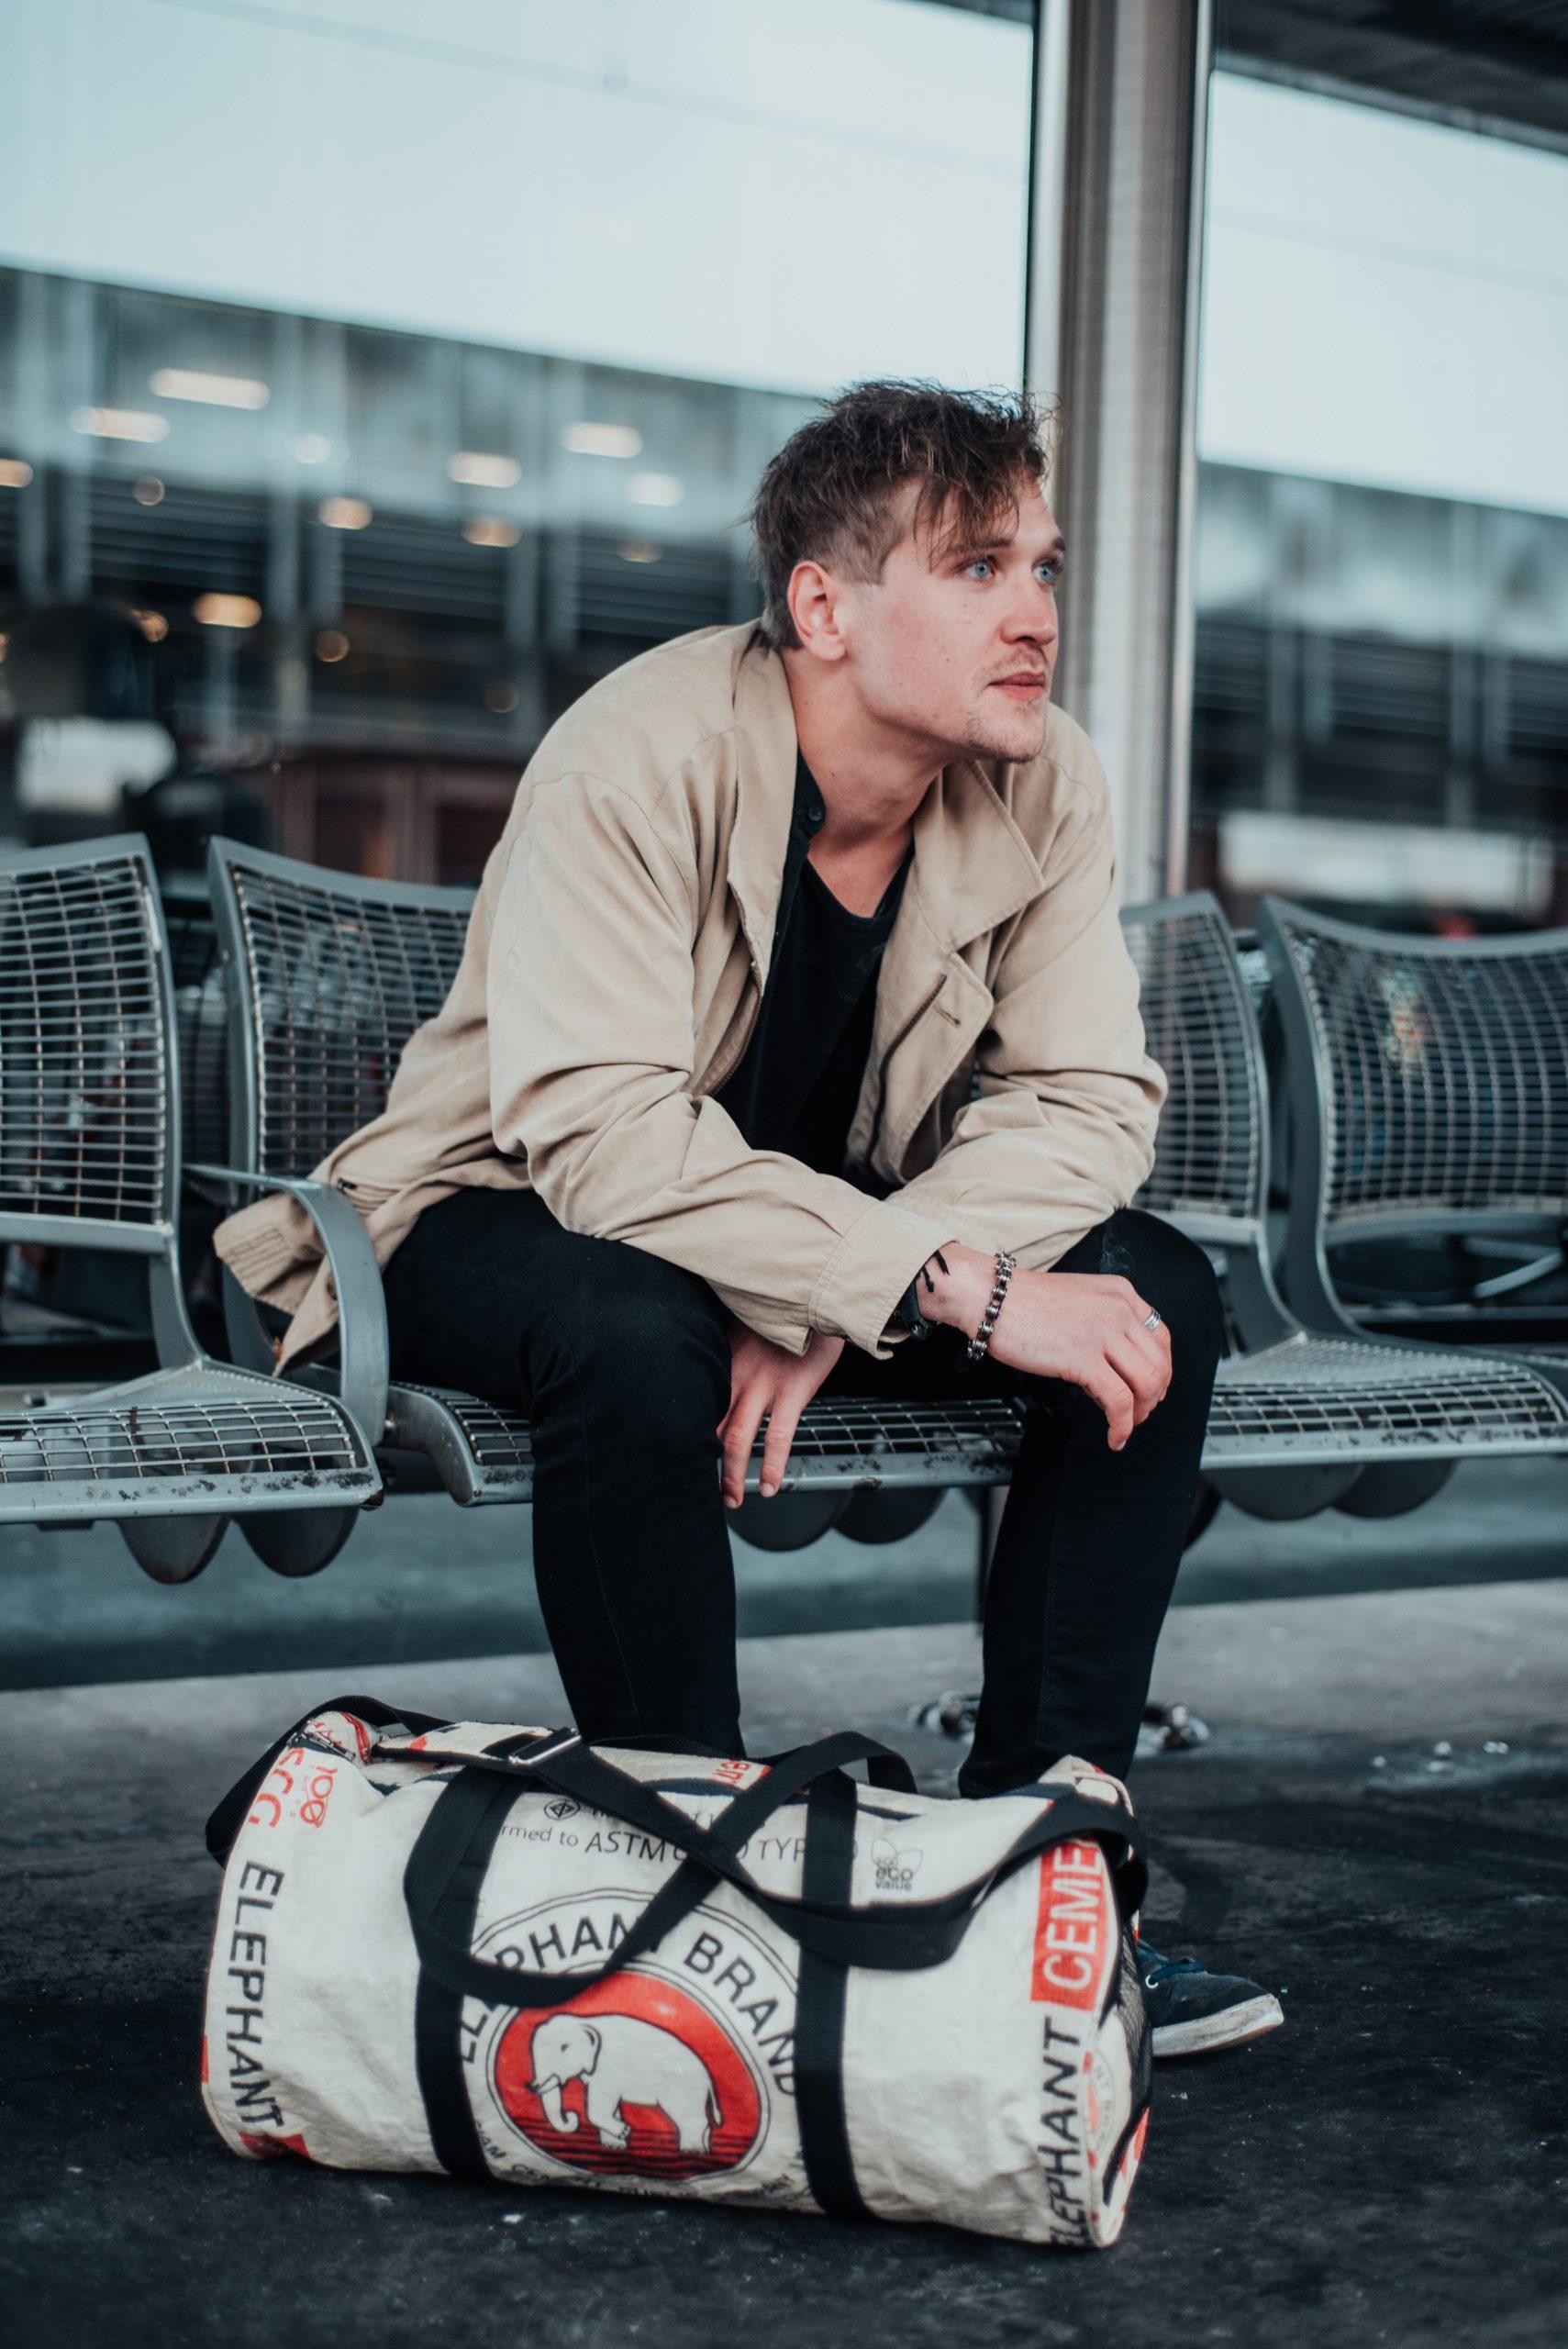 Mann sitzt mit Reisetasche am Bahnsteig